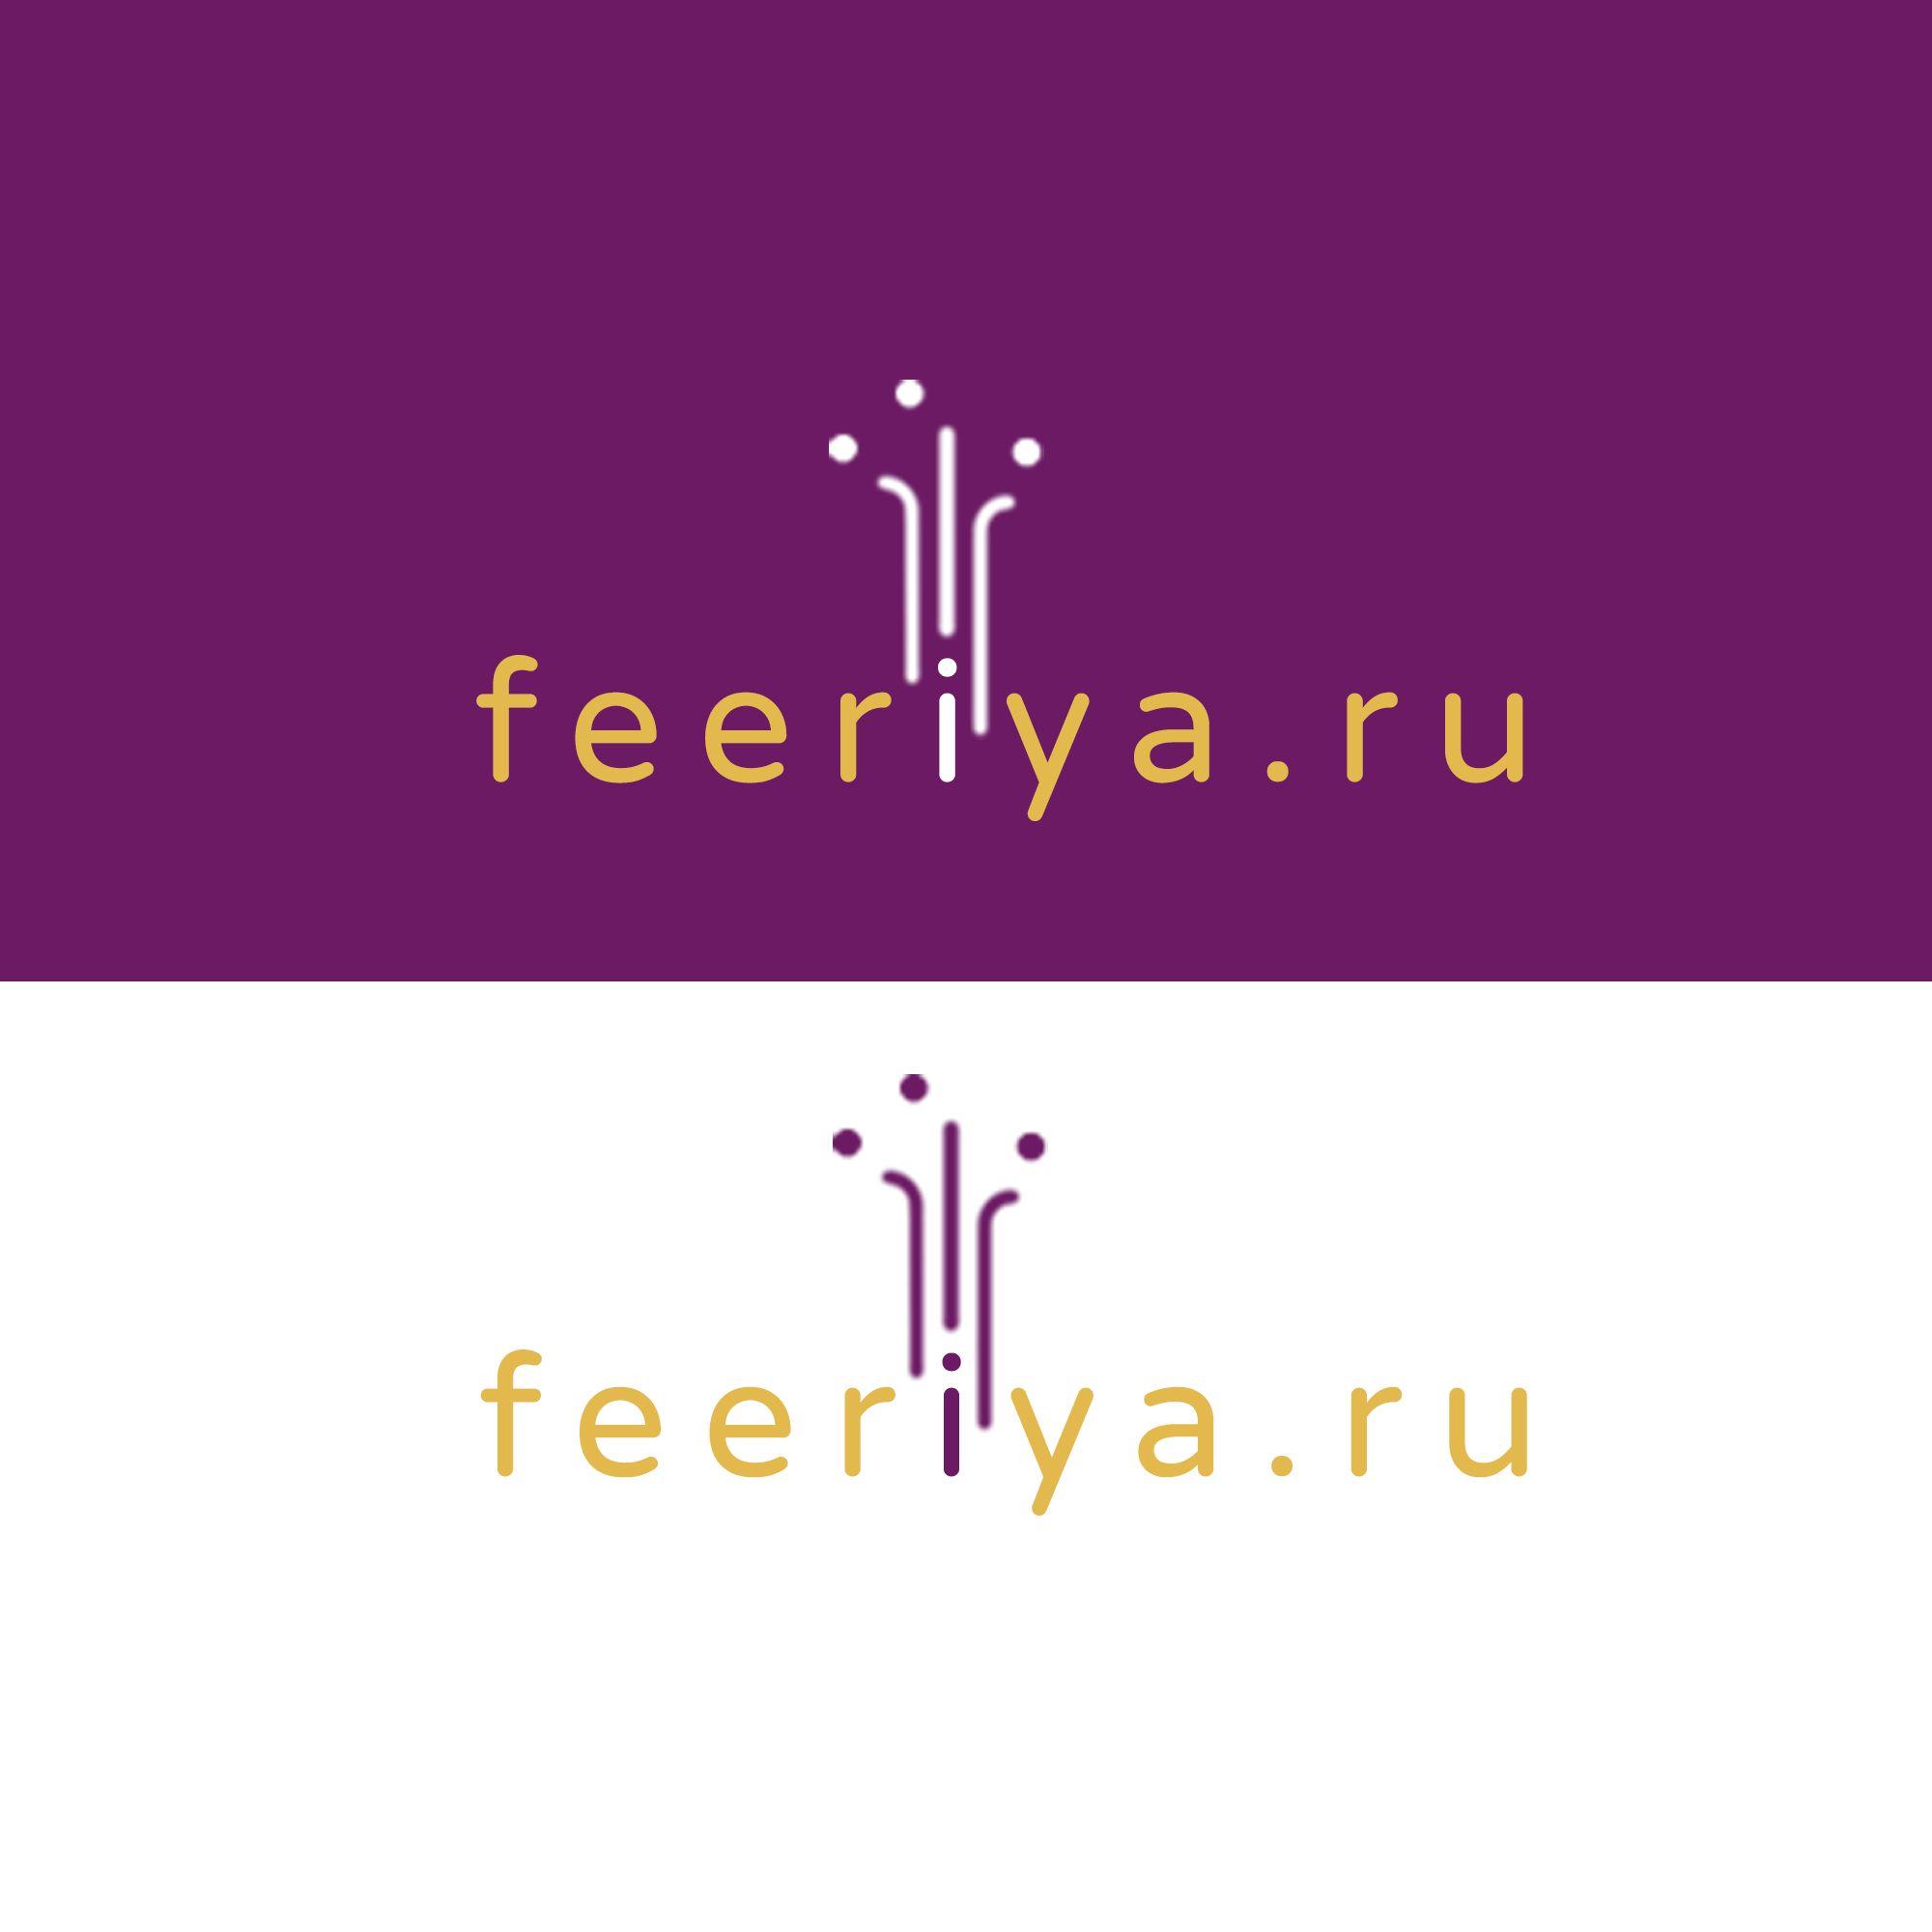 Логотип для feeriya.ru - дизайнер Iteodor